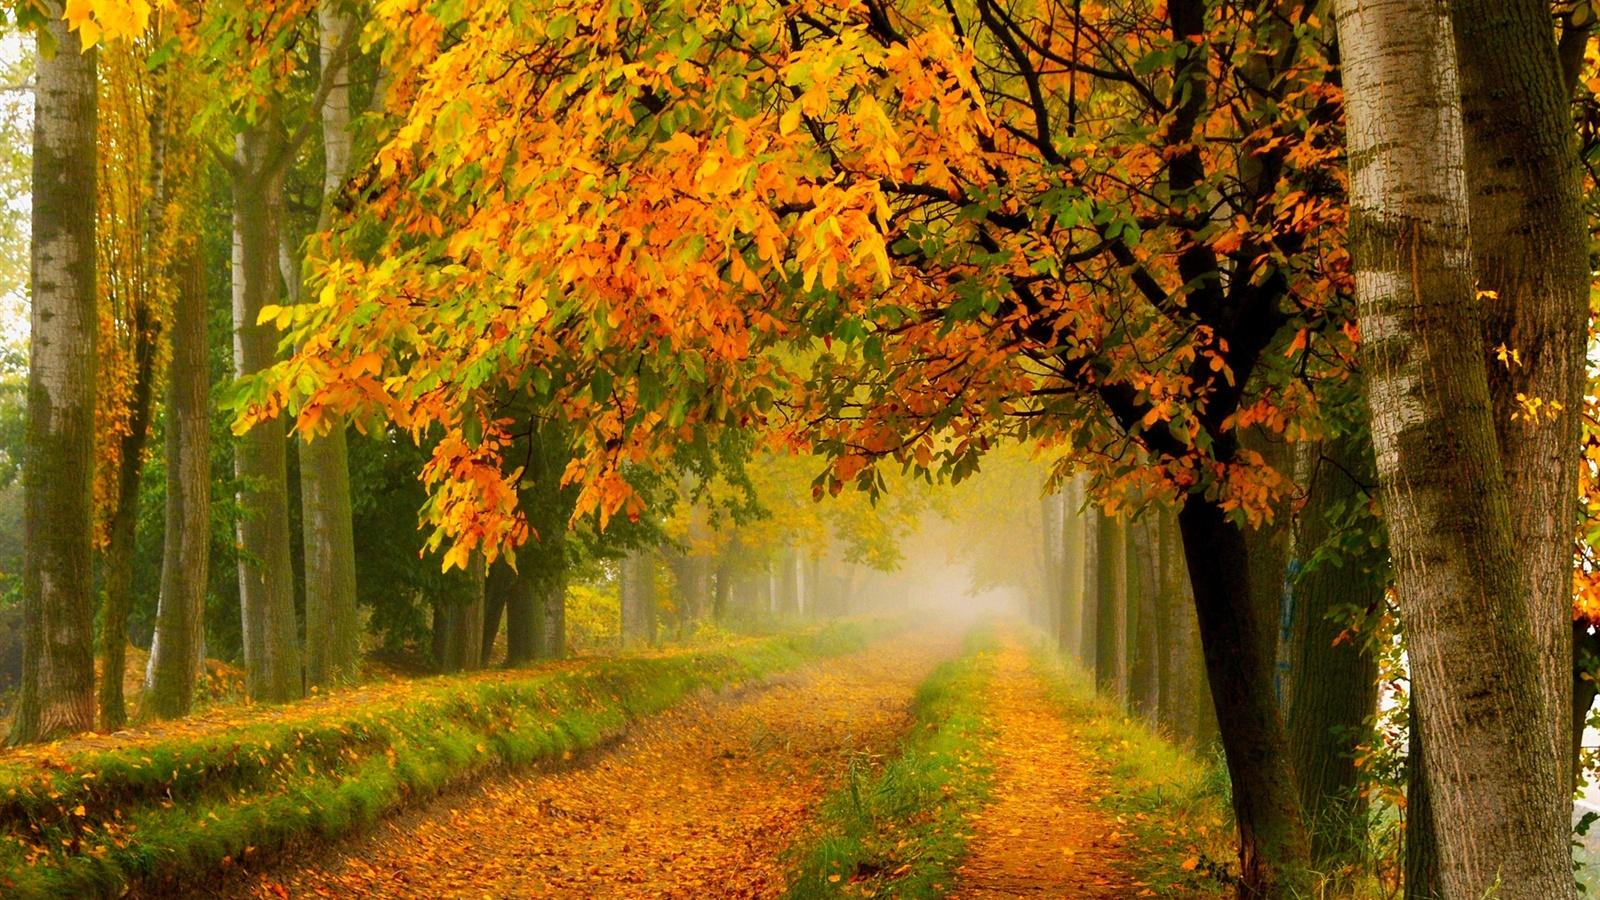 Automne nature parc for 234 t arbres feuilles jaune routiers fonds d